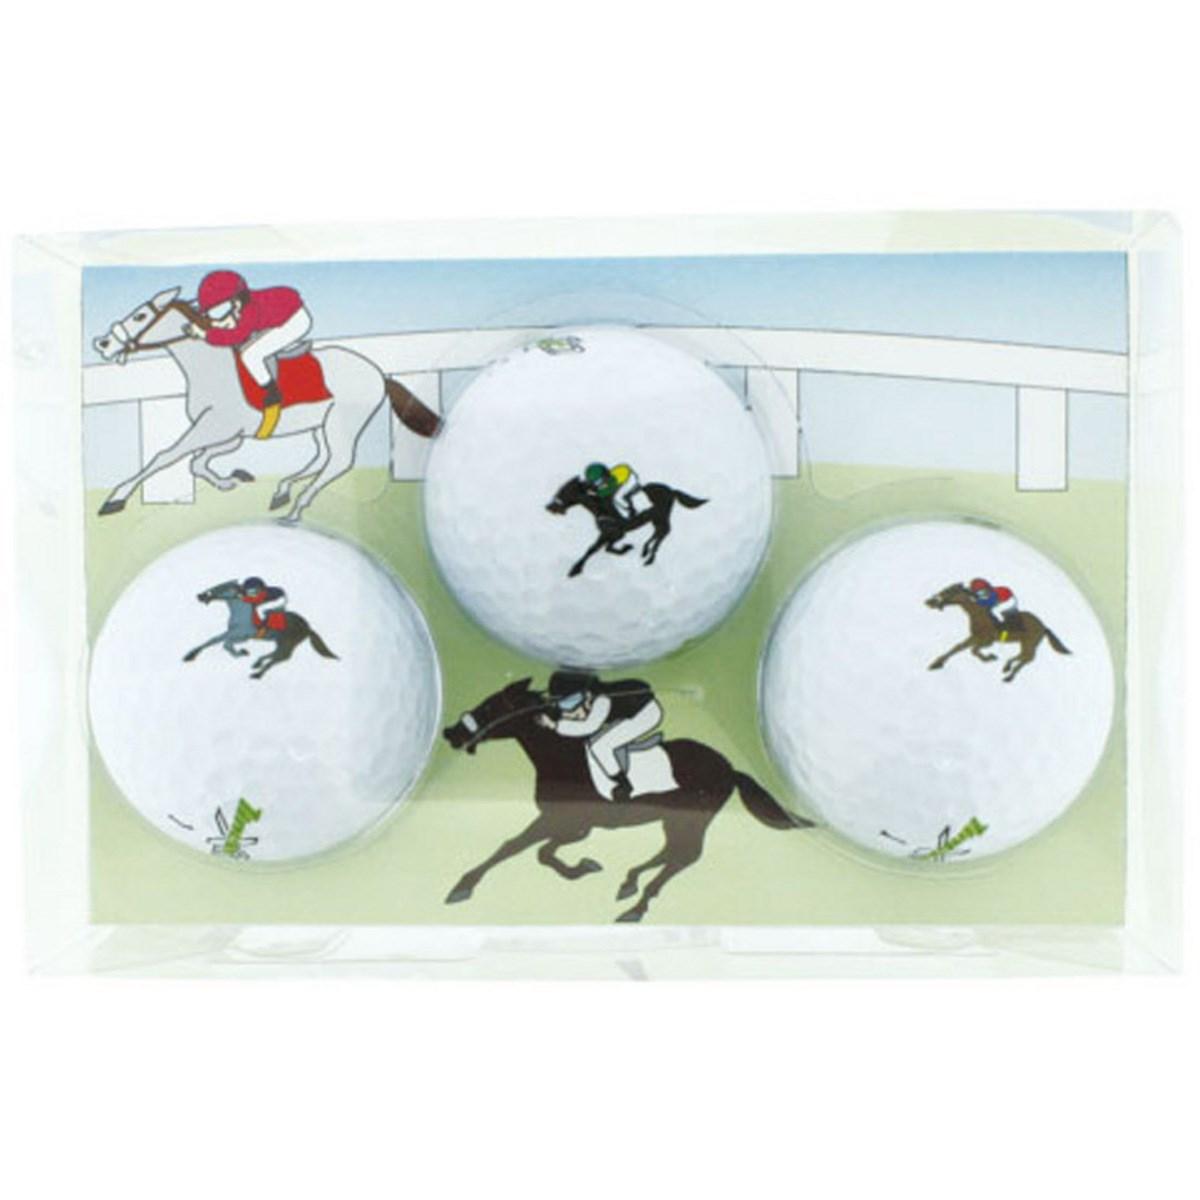 その他メーカー ホクシン交易 競走馬ボール 3個セット